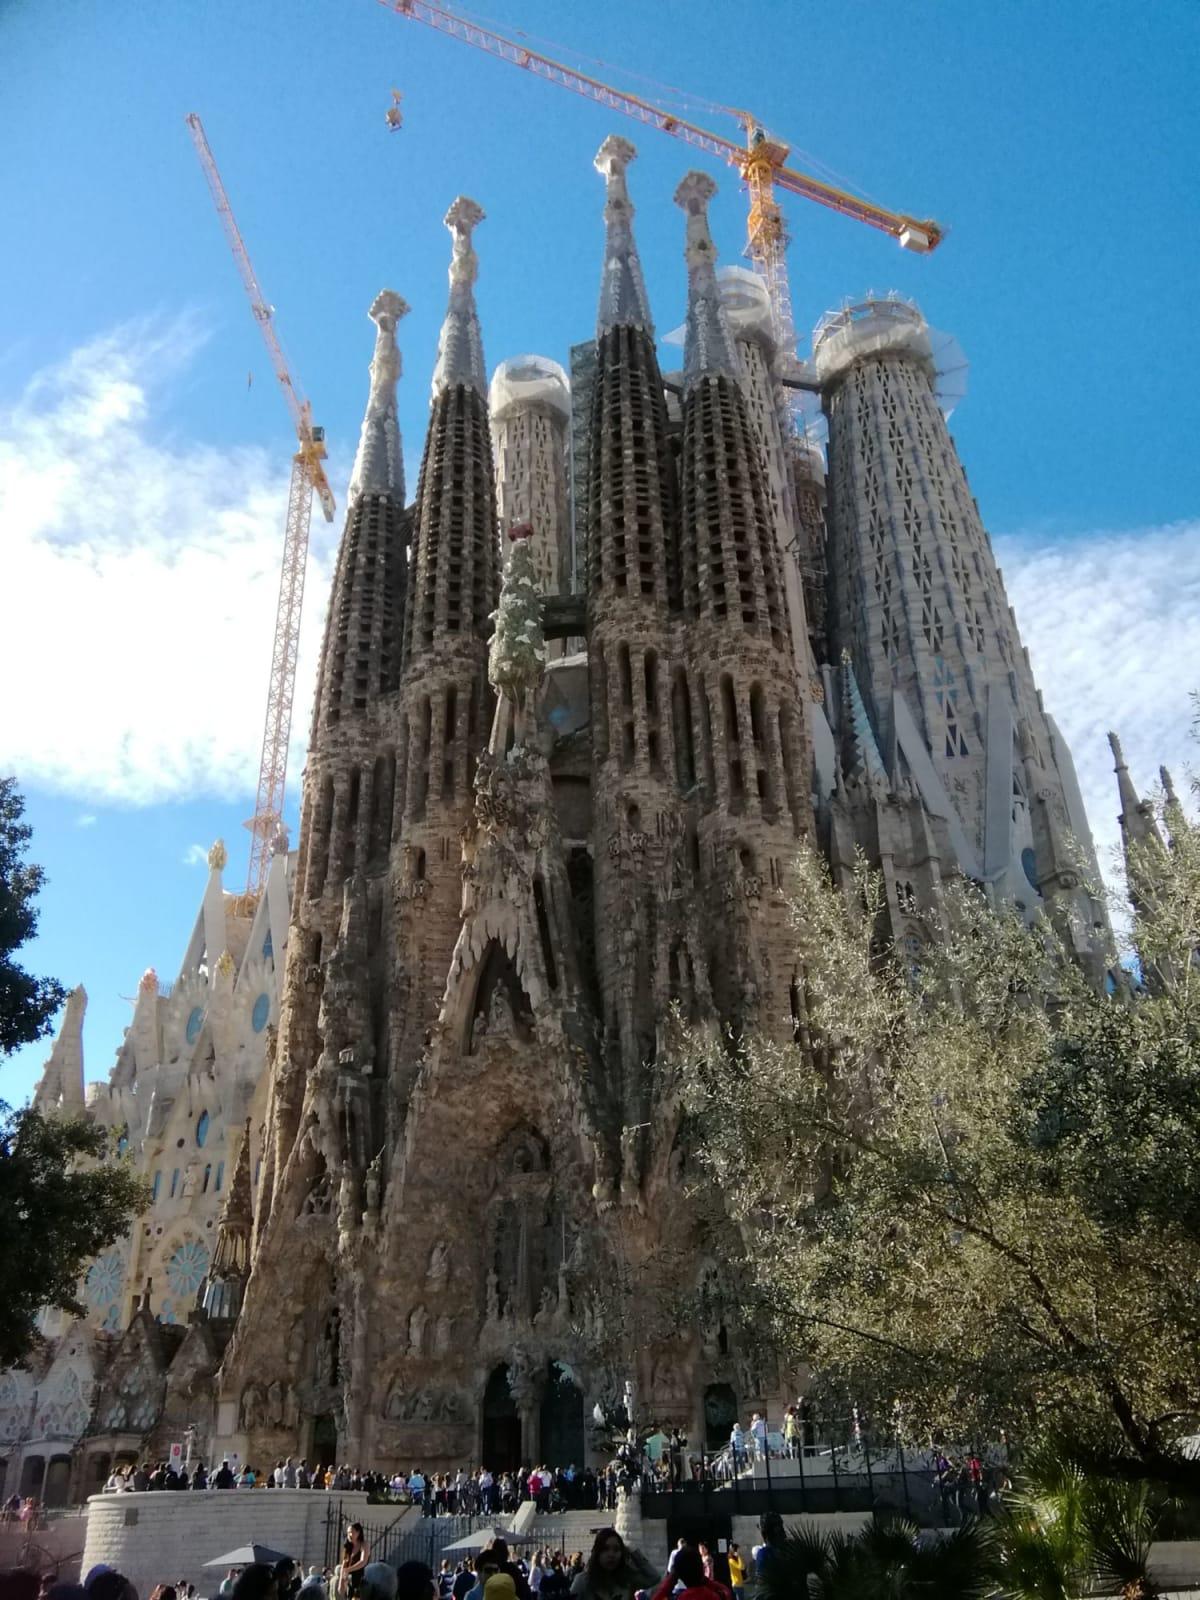 サグラダファミリア、2030年完成予定から2026年完成へ、変更されたそうです。 | バルセロナ